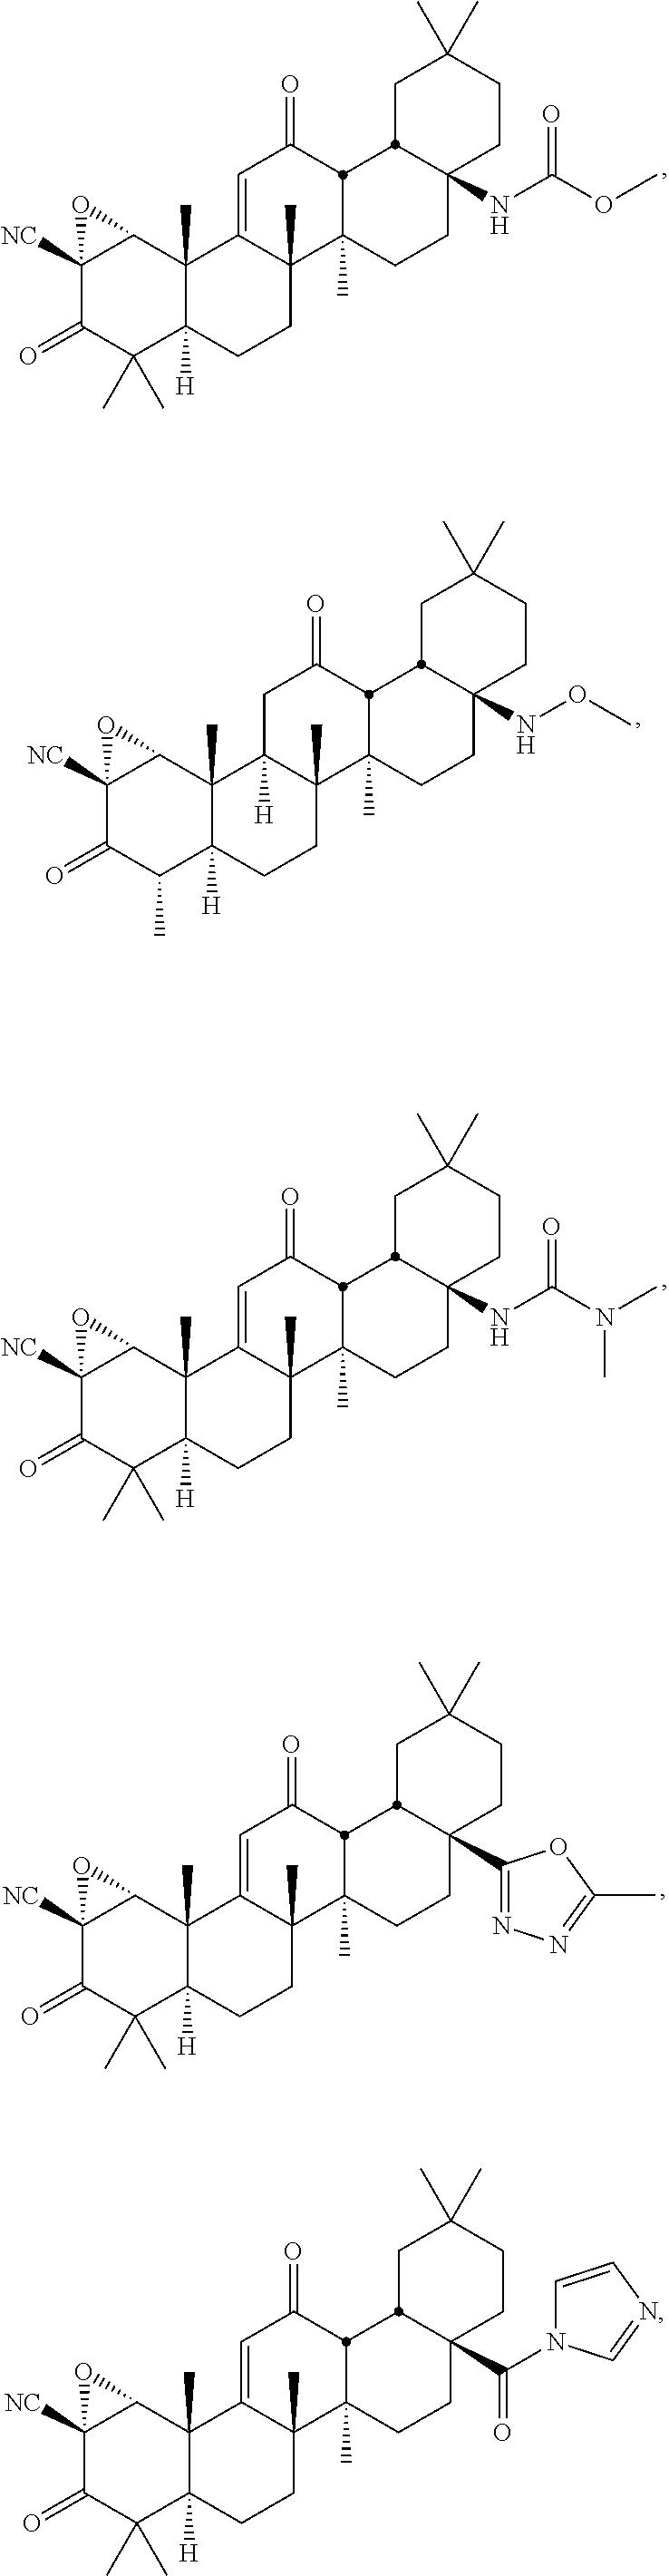 Figure US09556222-20170131-C00008